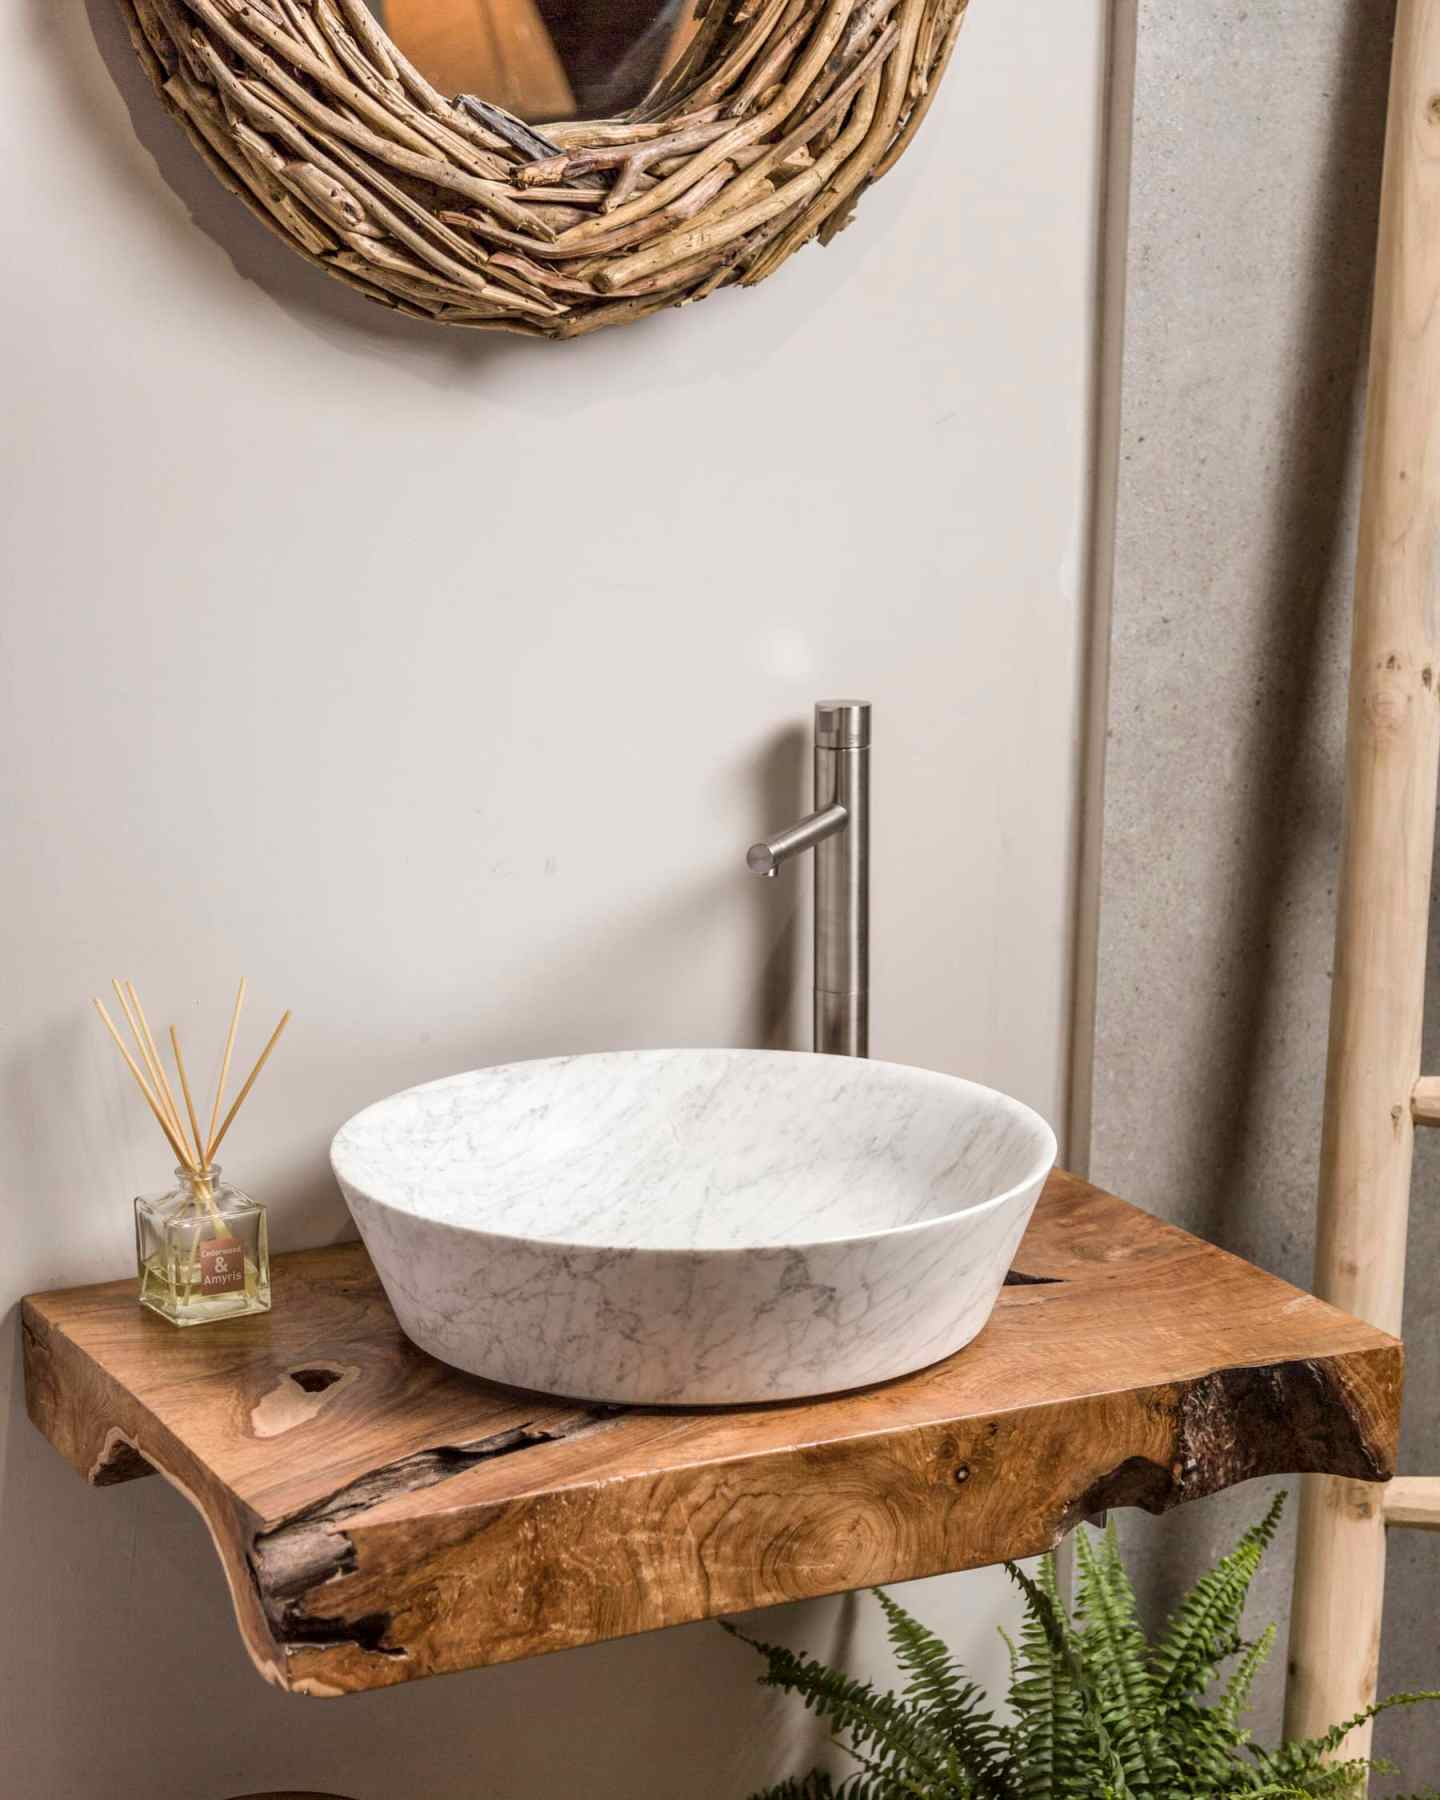 Teak root floating vanity shelf - Indigenous